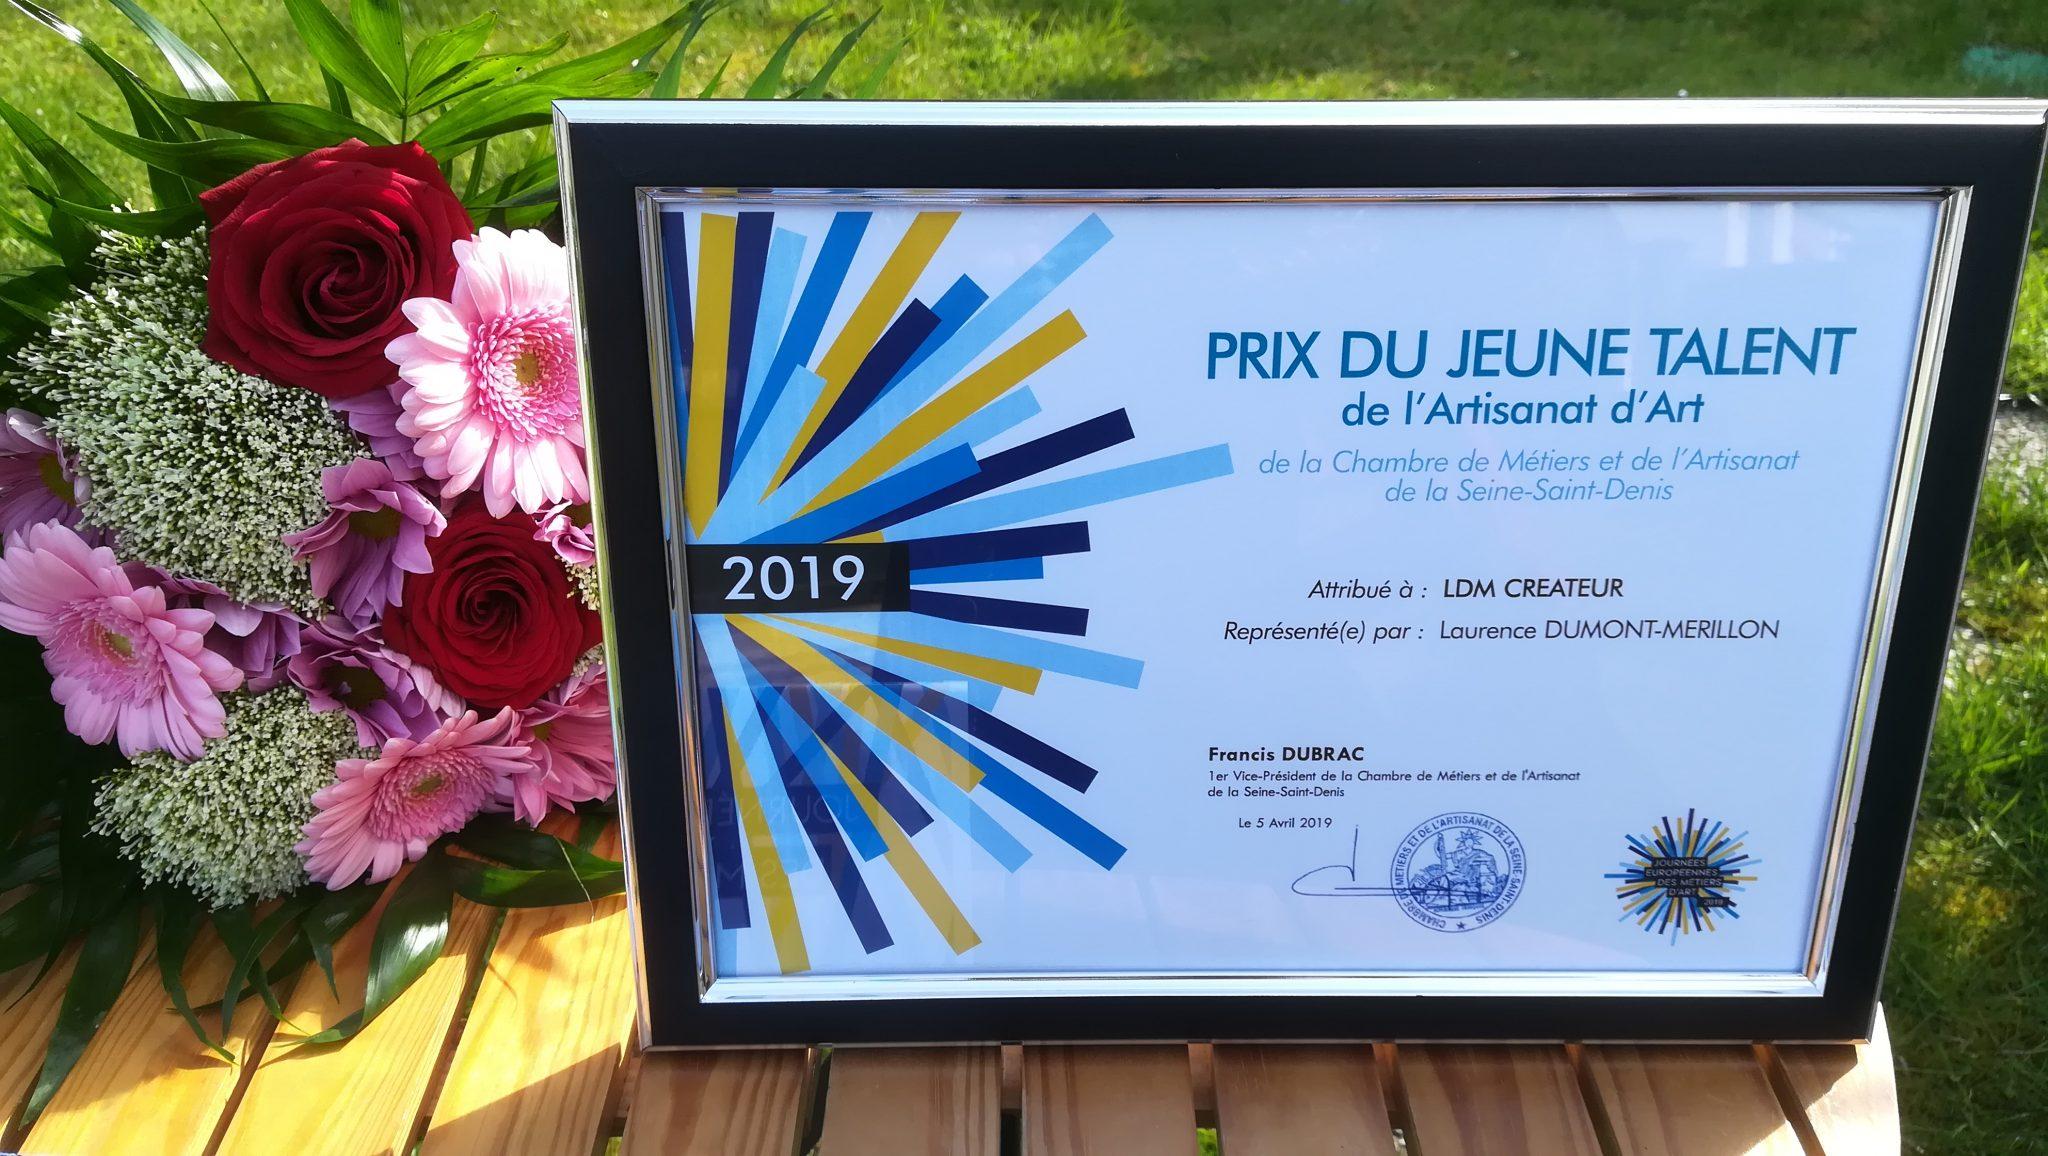 Prix-jeune-talent-jema-journees-européennes-des-métiers-d'art-www-ldmcreateur-fr